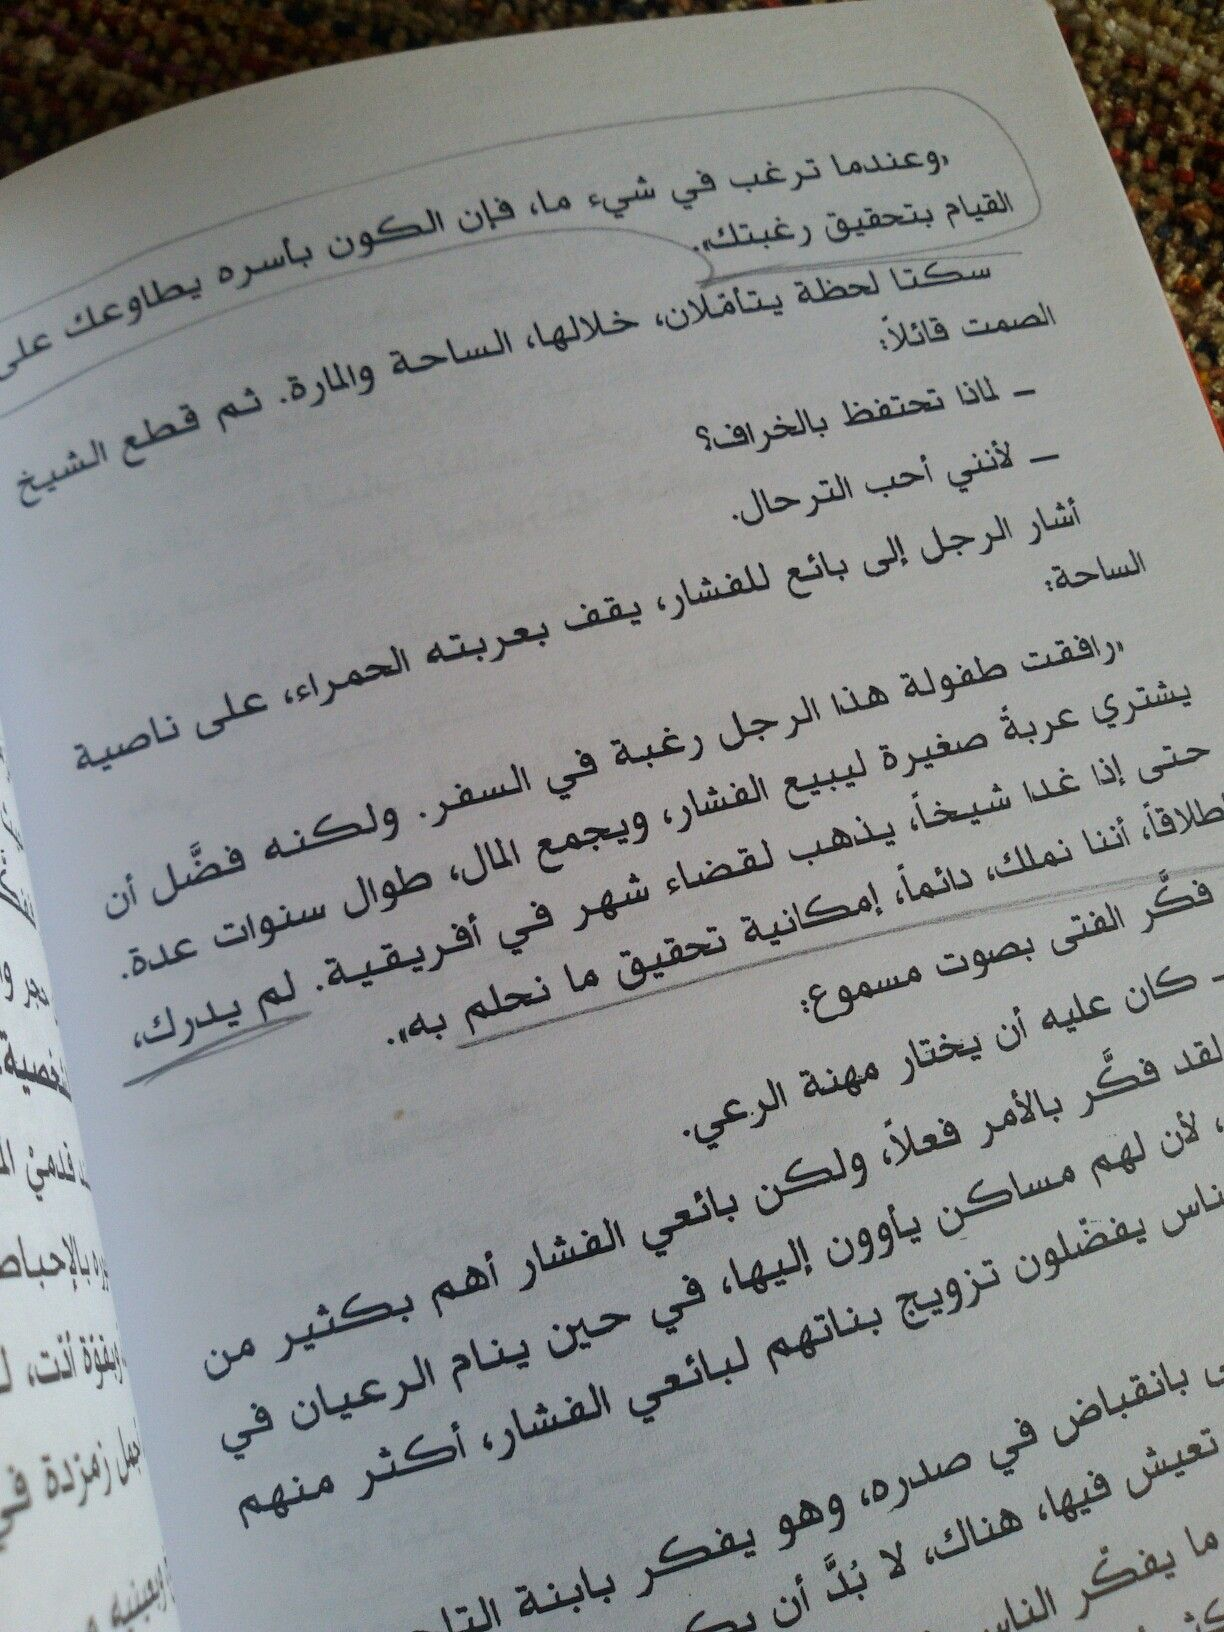 الخيميائي ورحلة البحث عن الكنز واكتشاف اسطوريته الشخصية باولو كويلو Arabic Tattoo Quotes Words Arabic Words